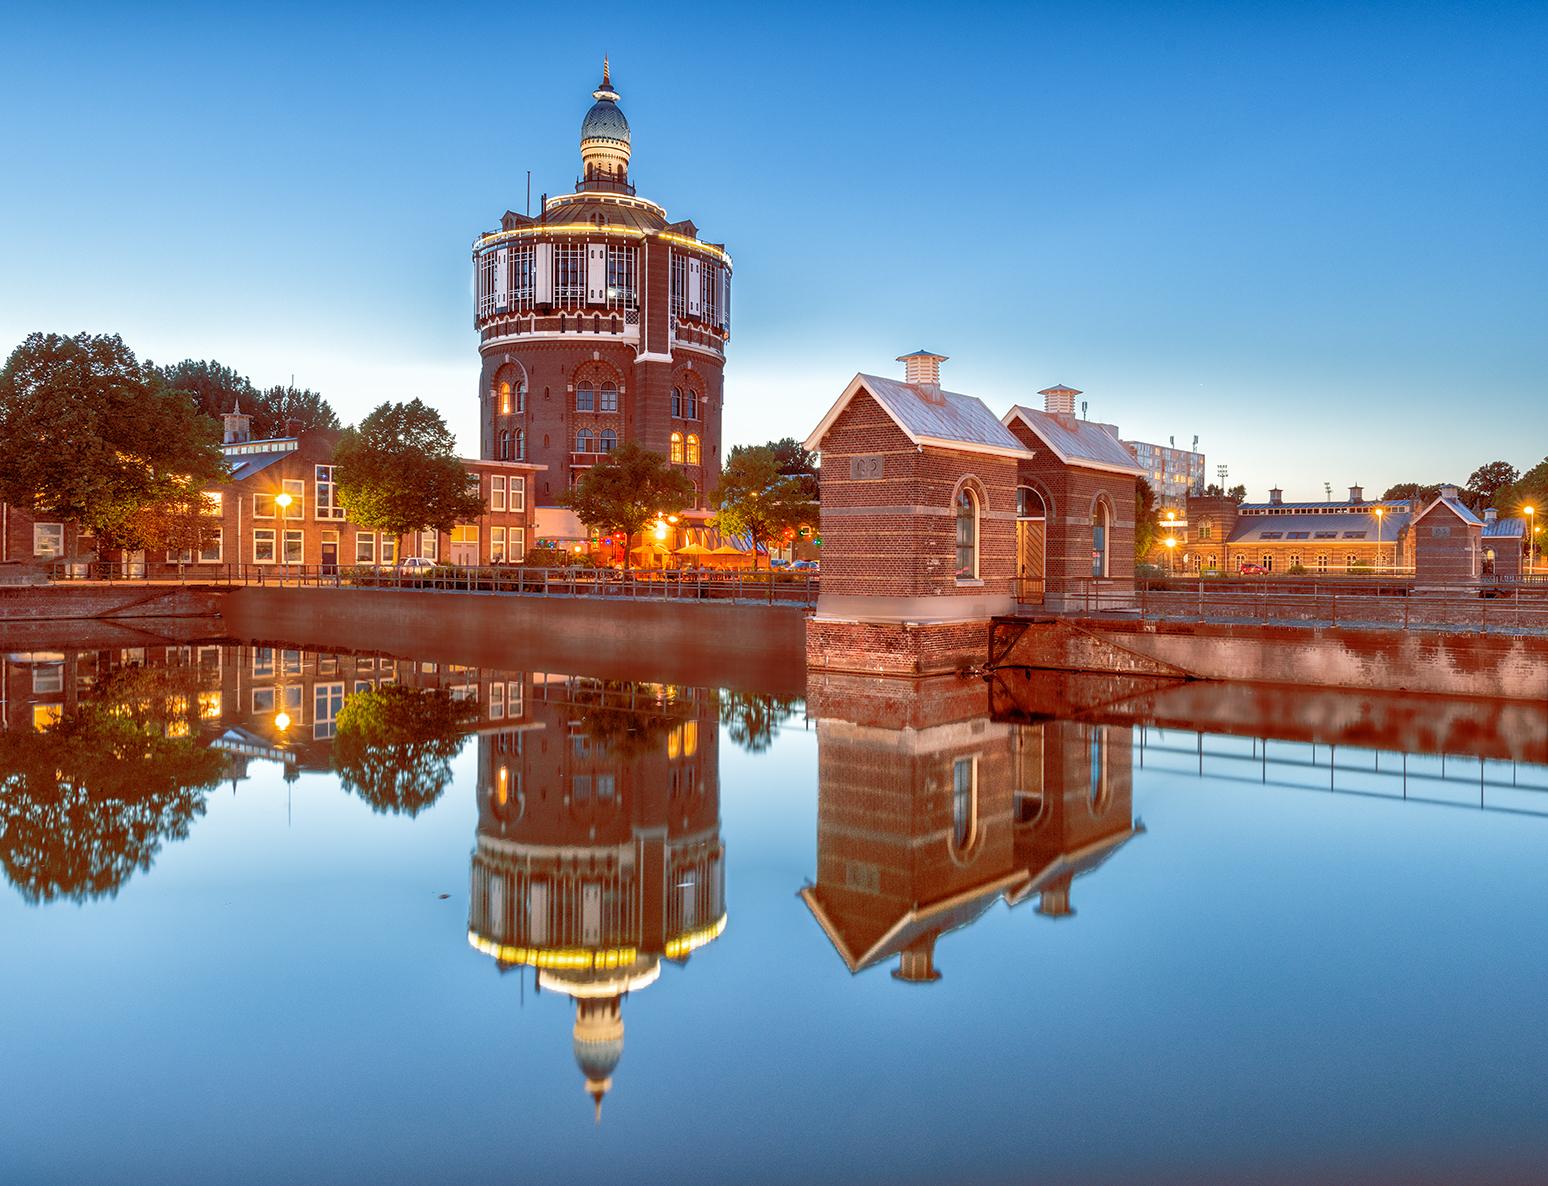 Water Tower the Esch, Rotterdam, Netherlands